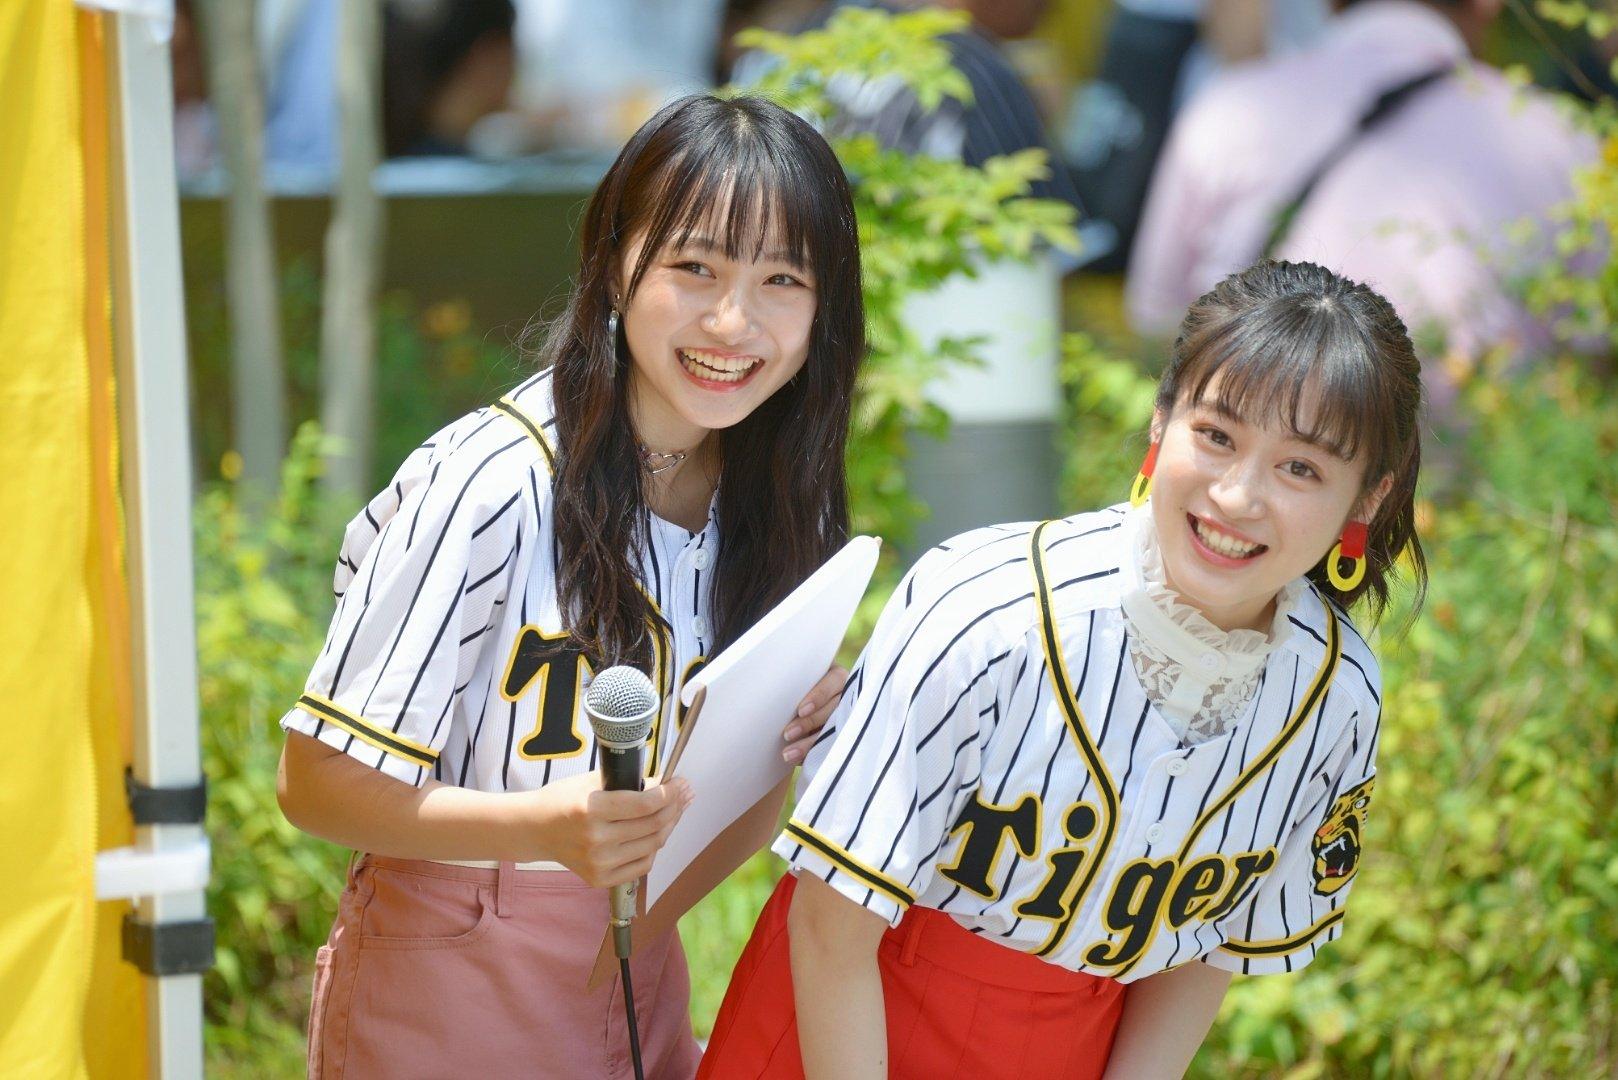 【川上千尋/山本彩加】ちっひー・あーやん参加の「甲子園肉祭り」ステージの様子など